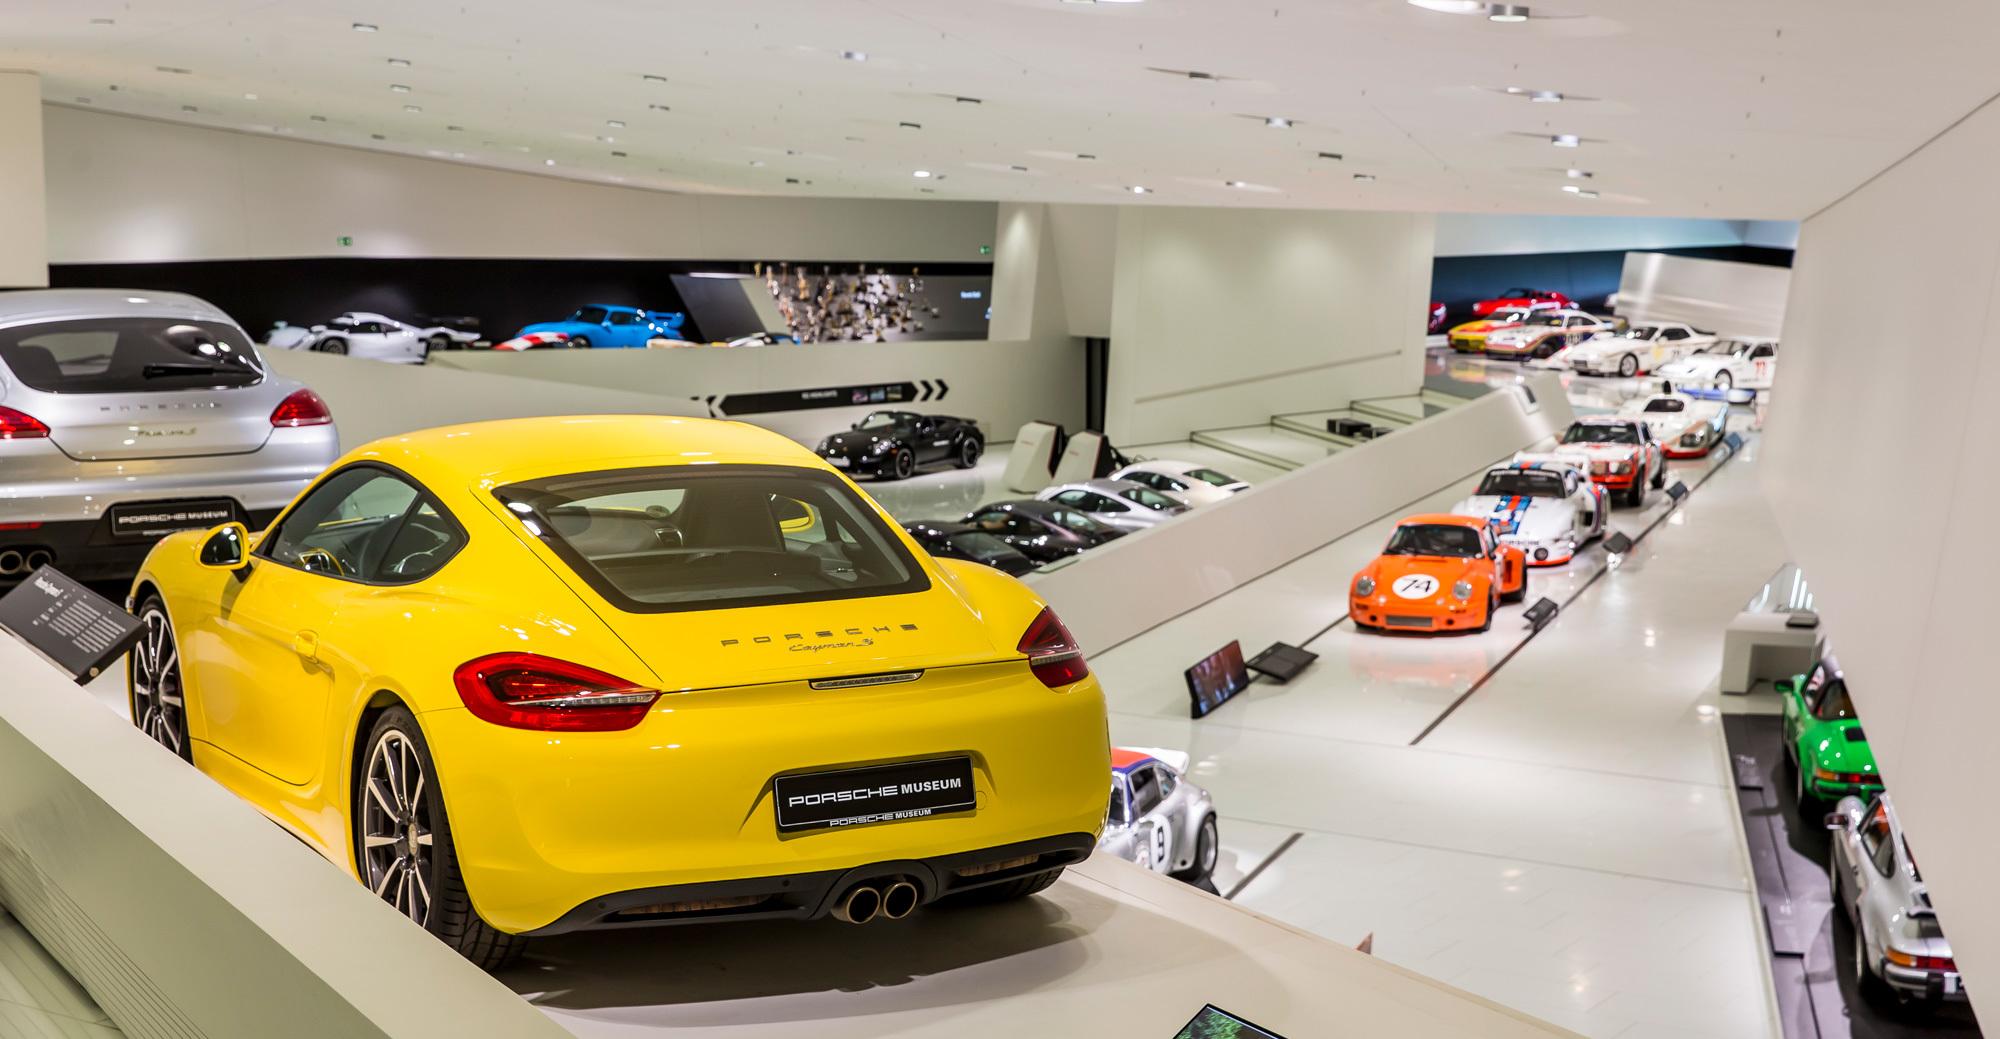 Das Porsche-Museum in Stuttgart-Zuffenhausen ist ein Entwurf des österreichischen Architekturbüros Delugan Meissl Associated Architects. Es wurde im Jahr 2009 eröffnet. Foto/ Copyright: Porsche